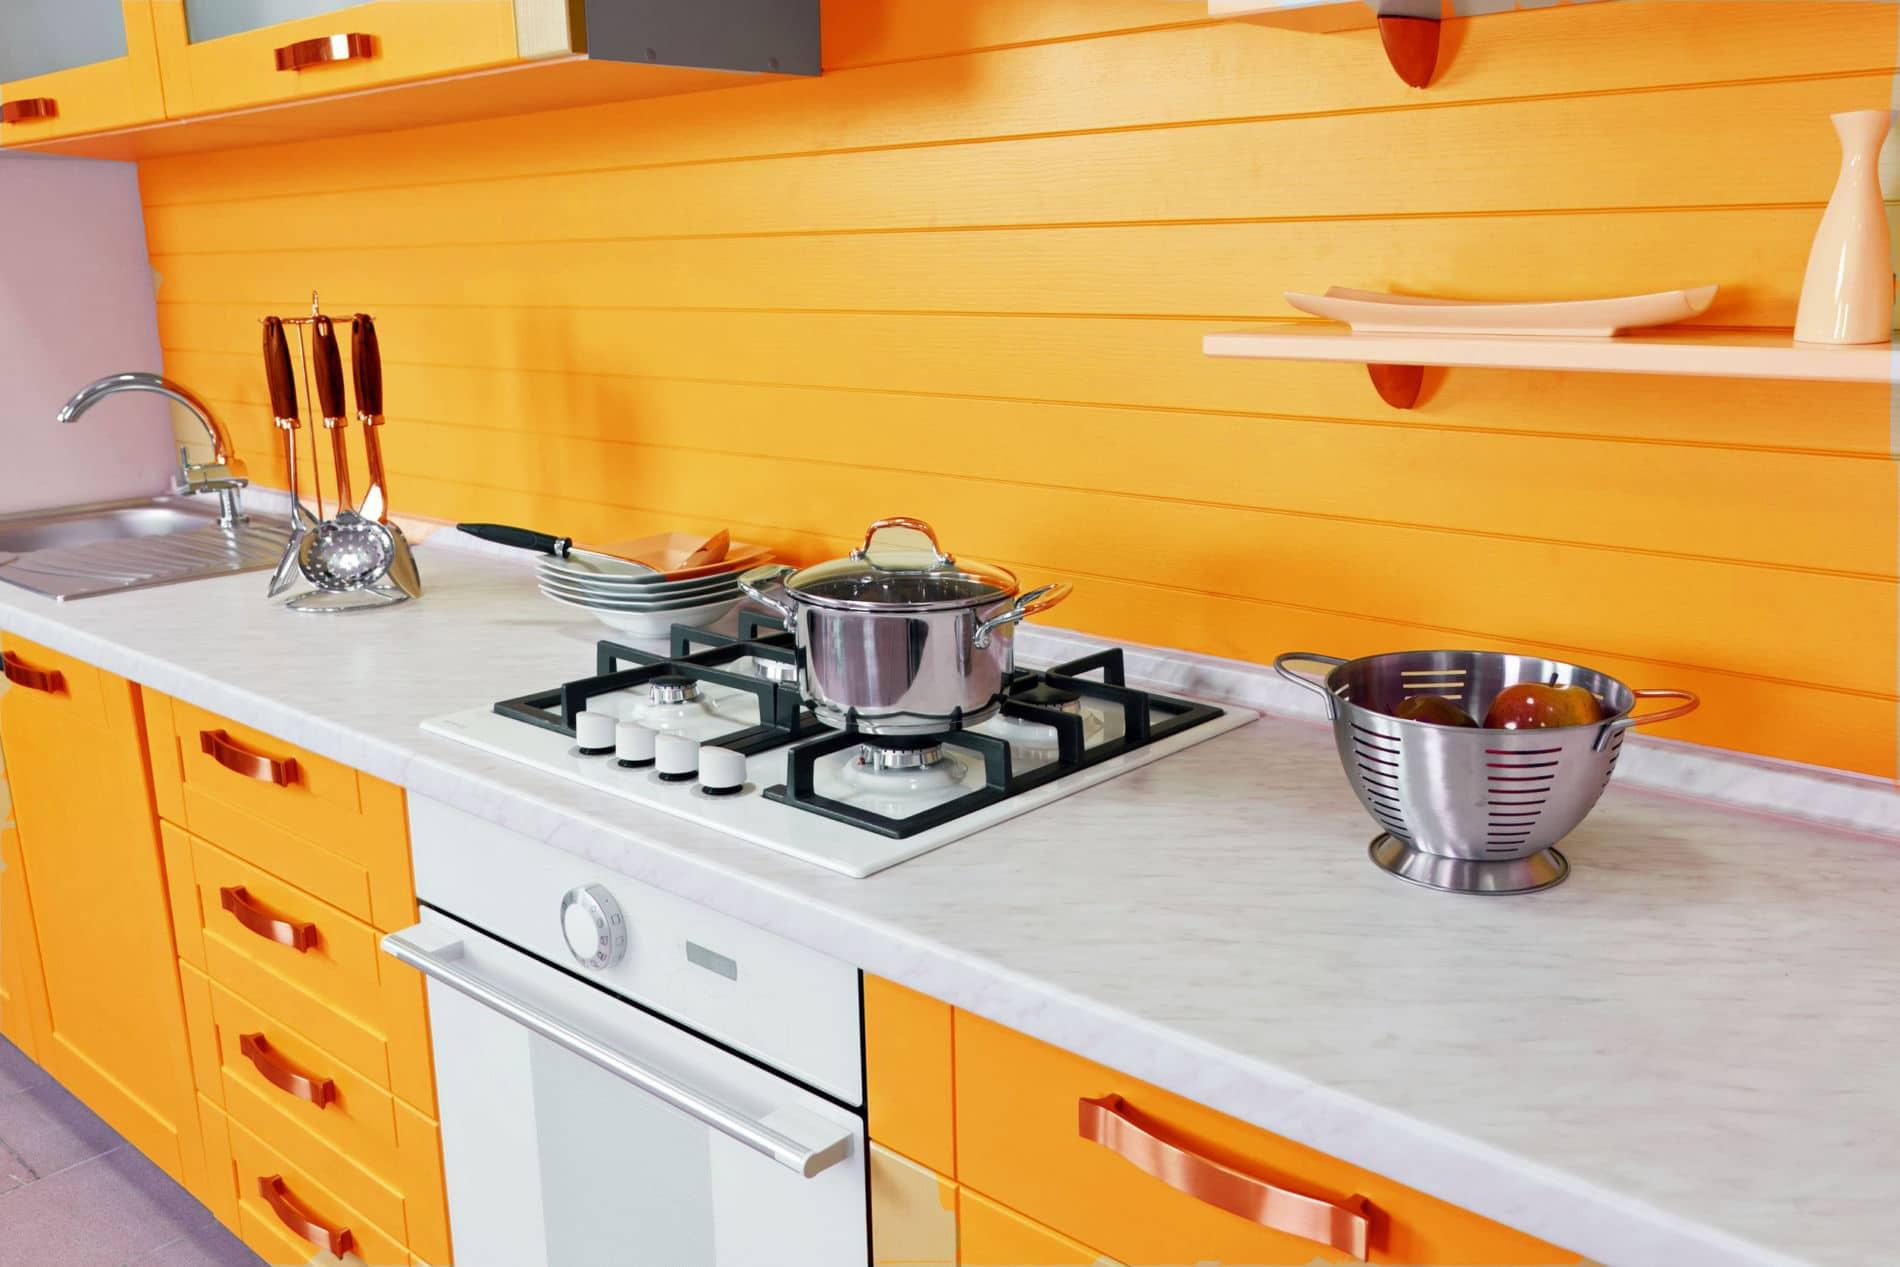 מטבח פורמיקה מטבח מושלם לבית